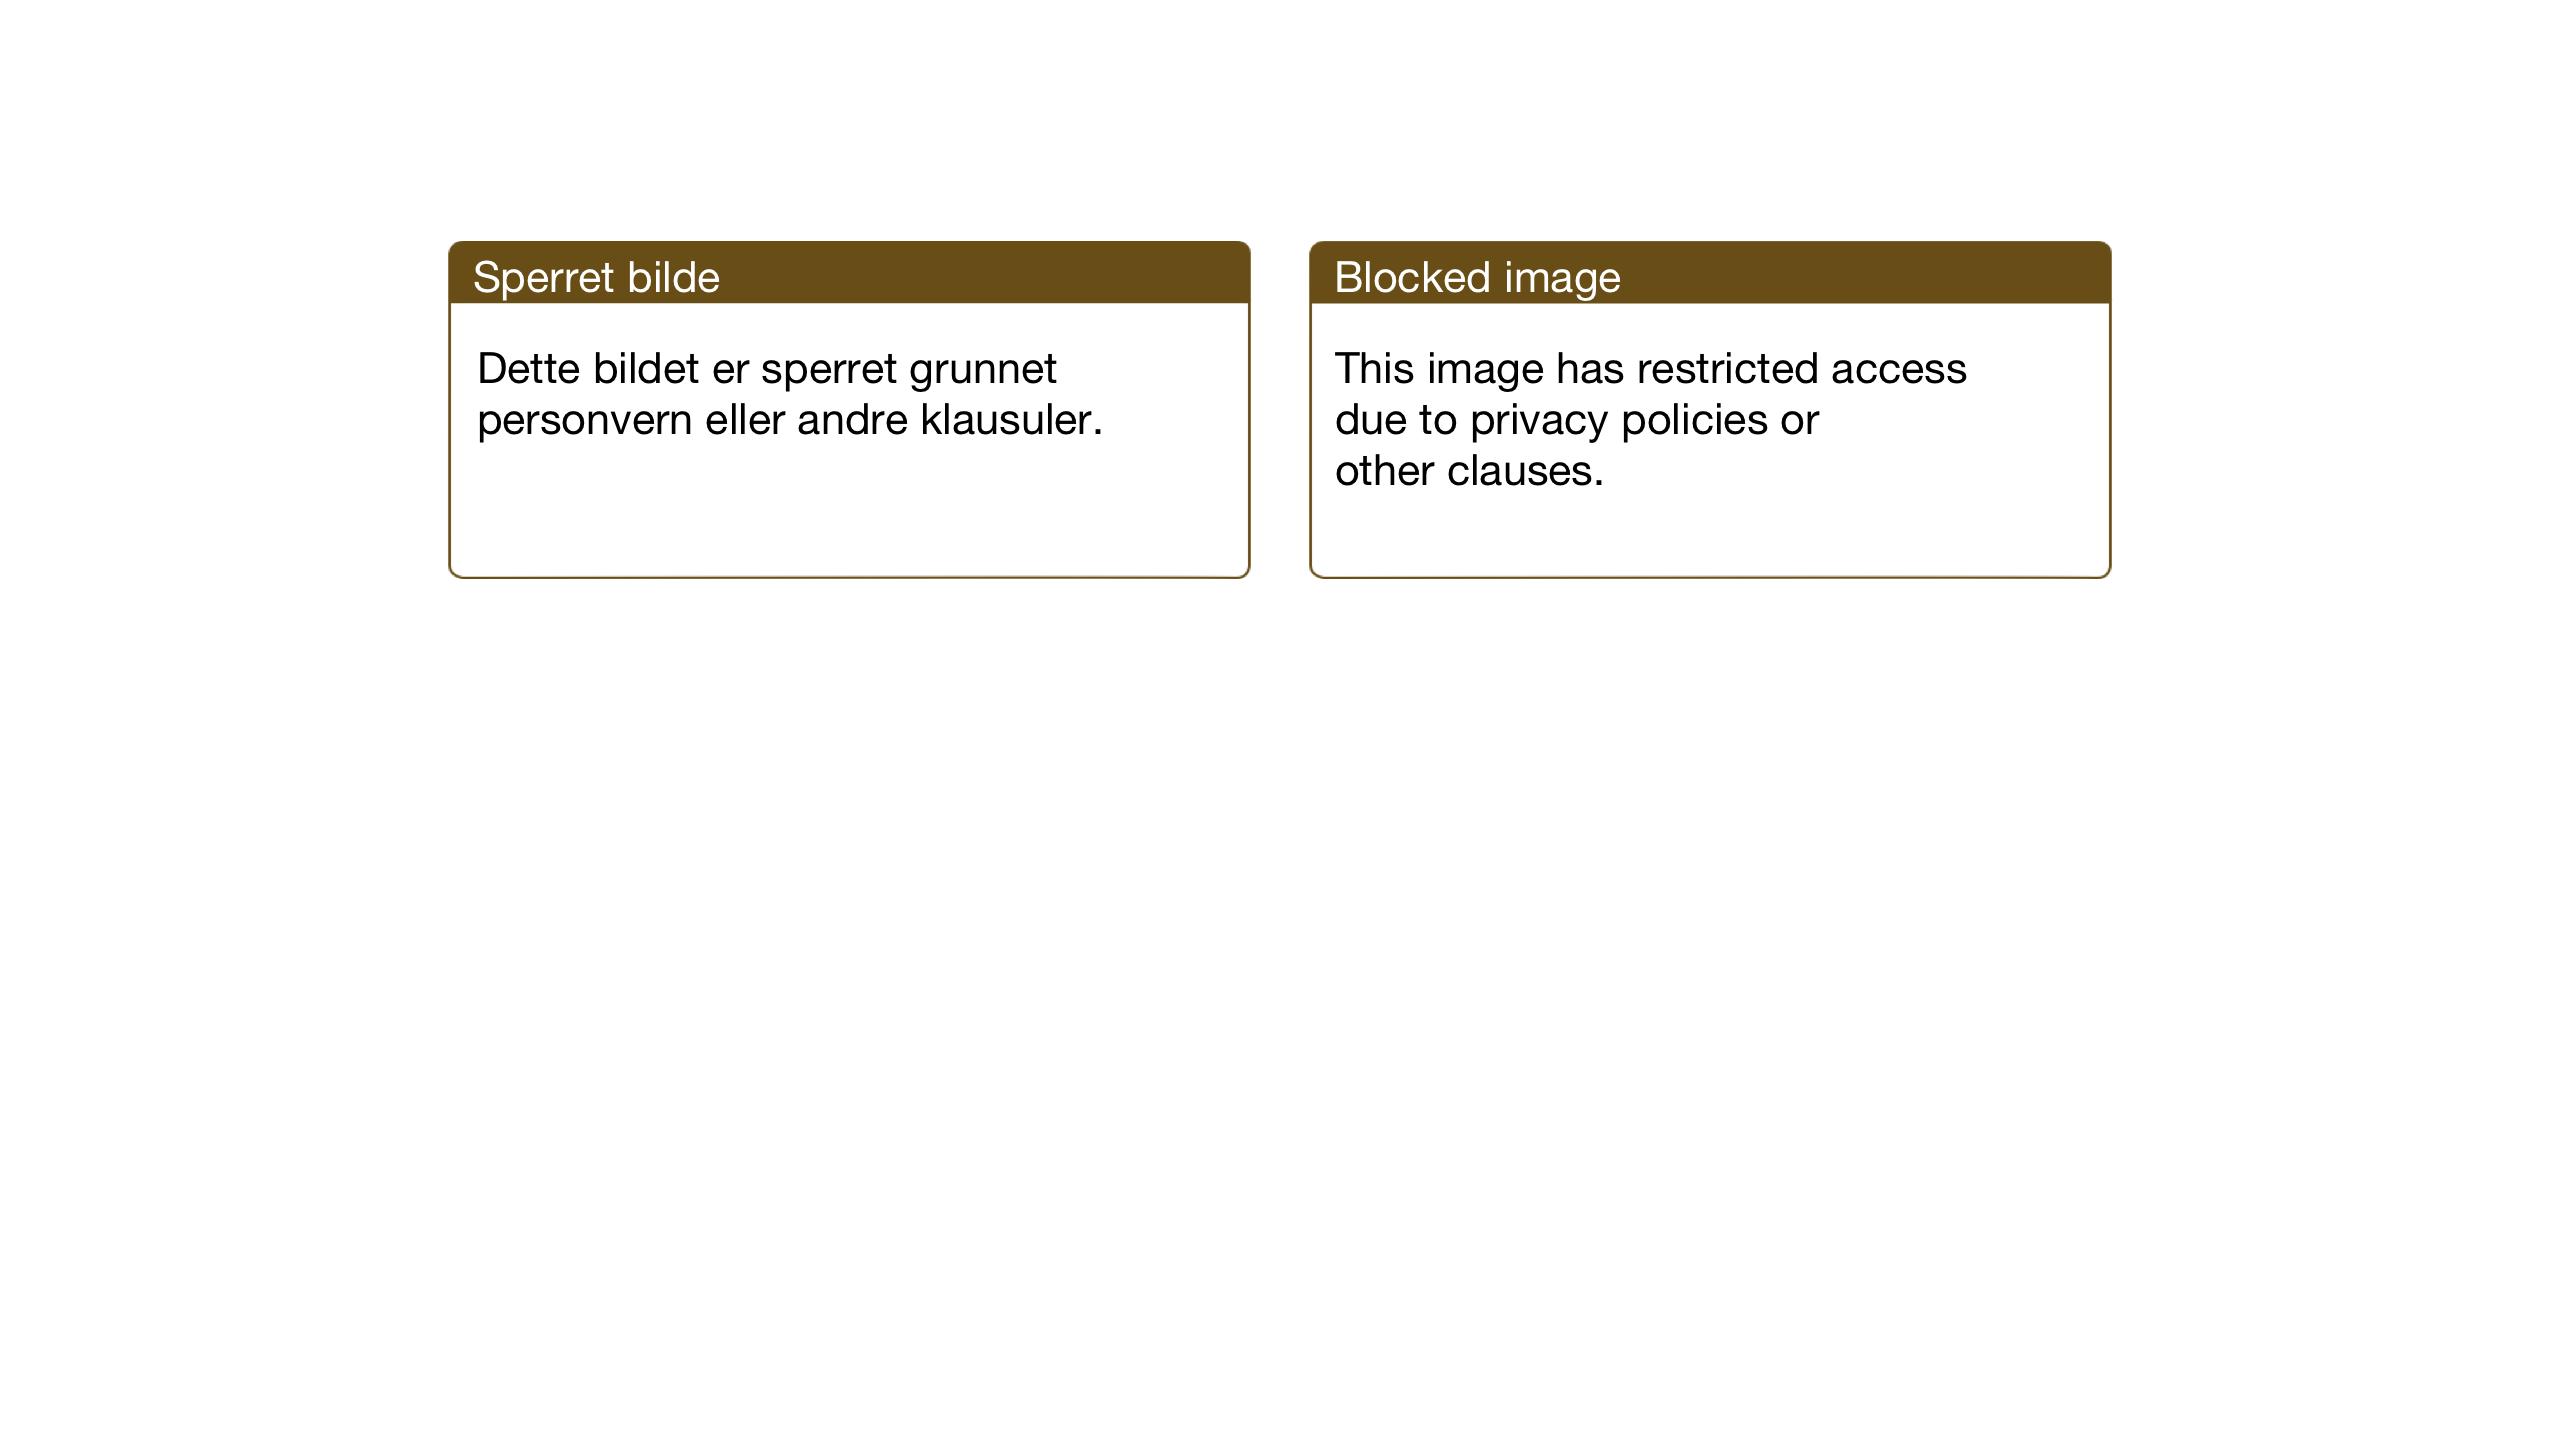 SAT, Ministerialprotokoller, klokkerbøker og fødselsregistre - Sør-Trøndelag, 670/L0837: Klokkerbok nr. 670C01, 1905-1946, s. 158-159